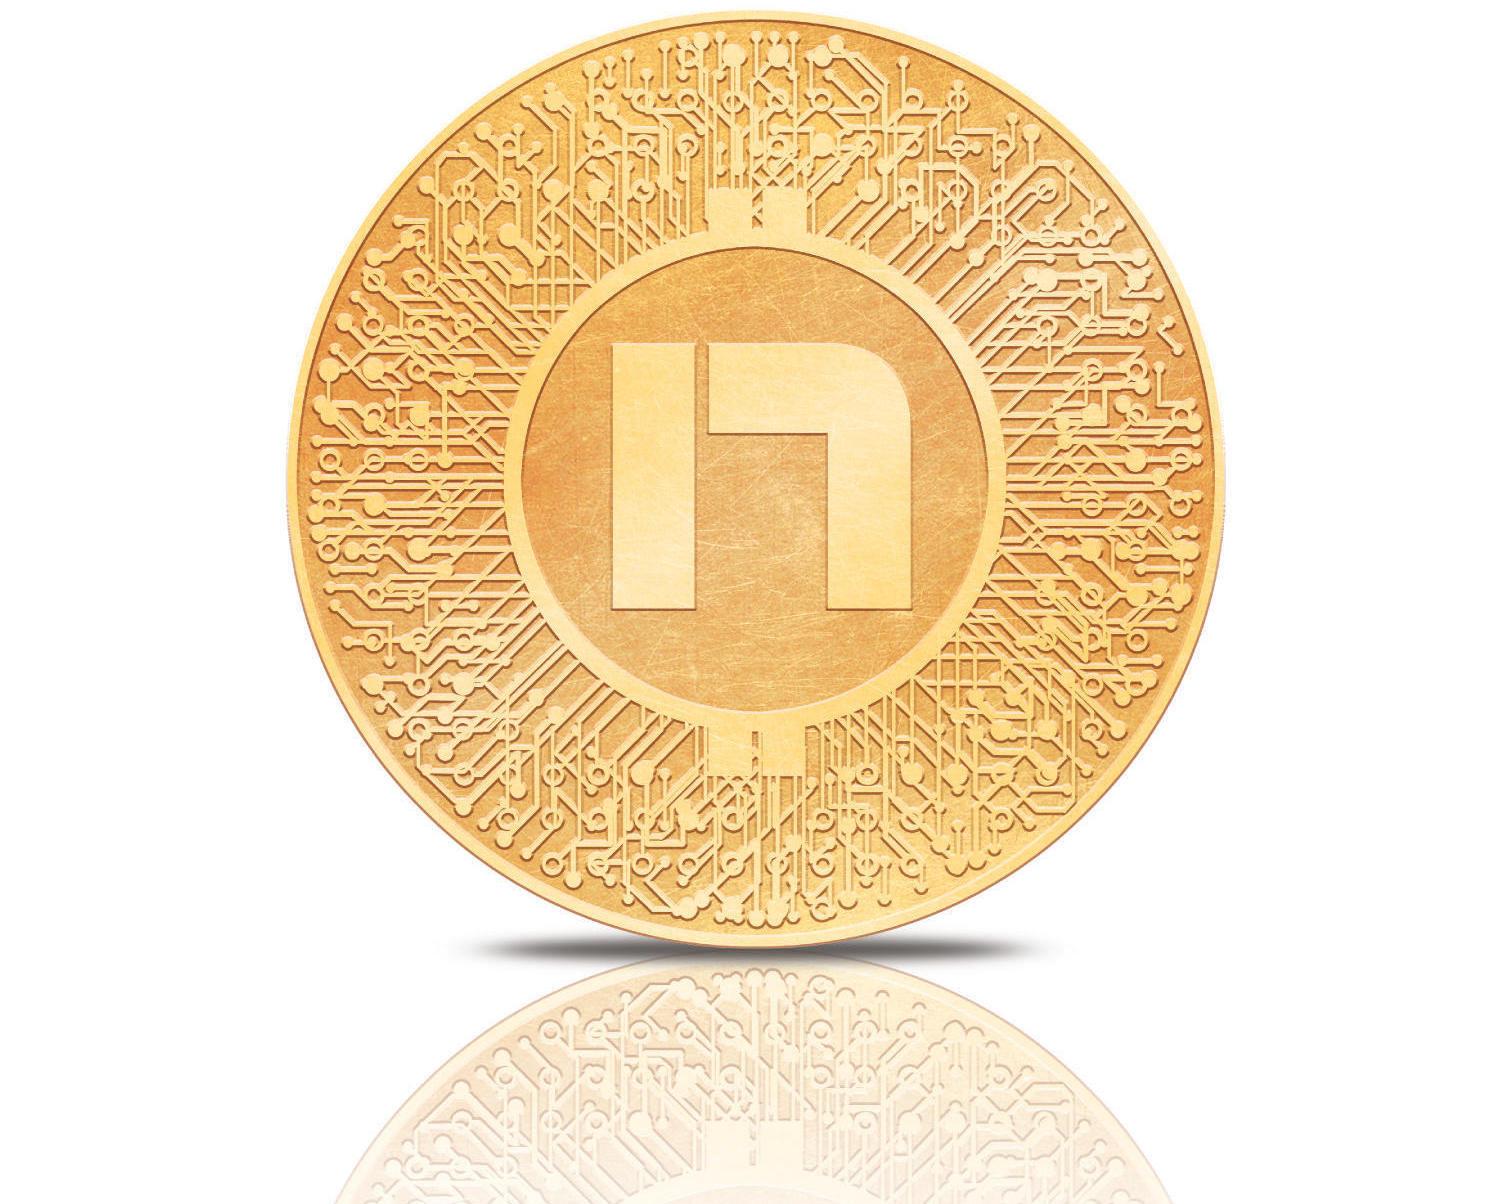 Facebook décide de créer sa propre monnaie ! Décryptez la crypto-monnaie avec la BD de Djibril Morissette-Phan !